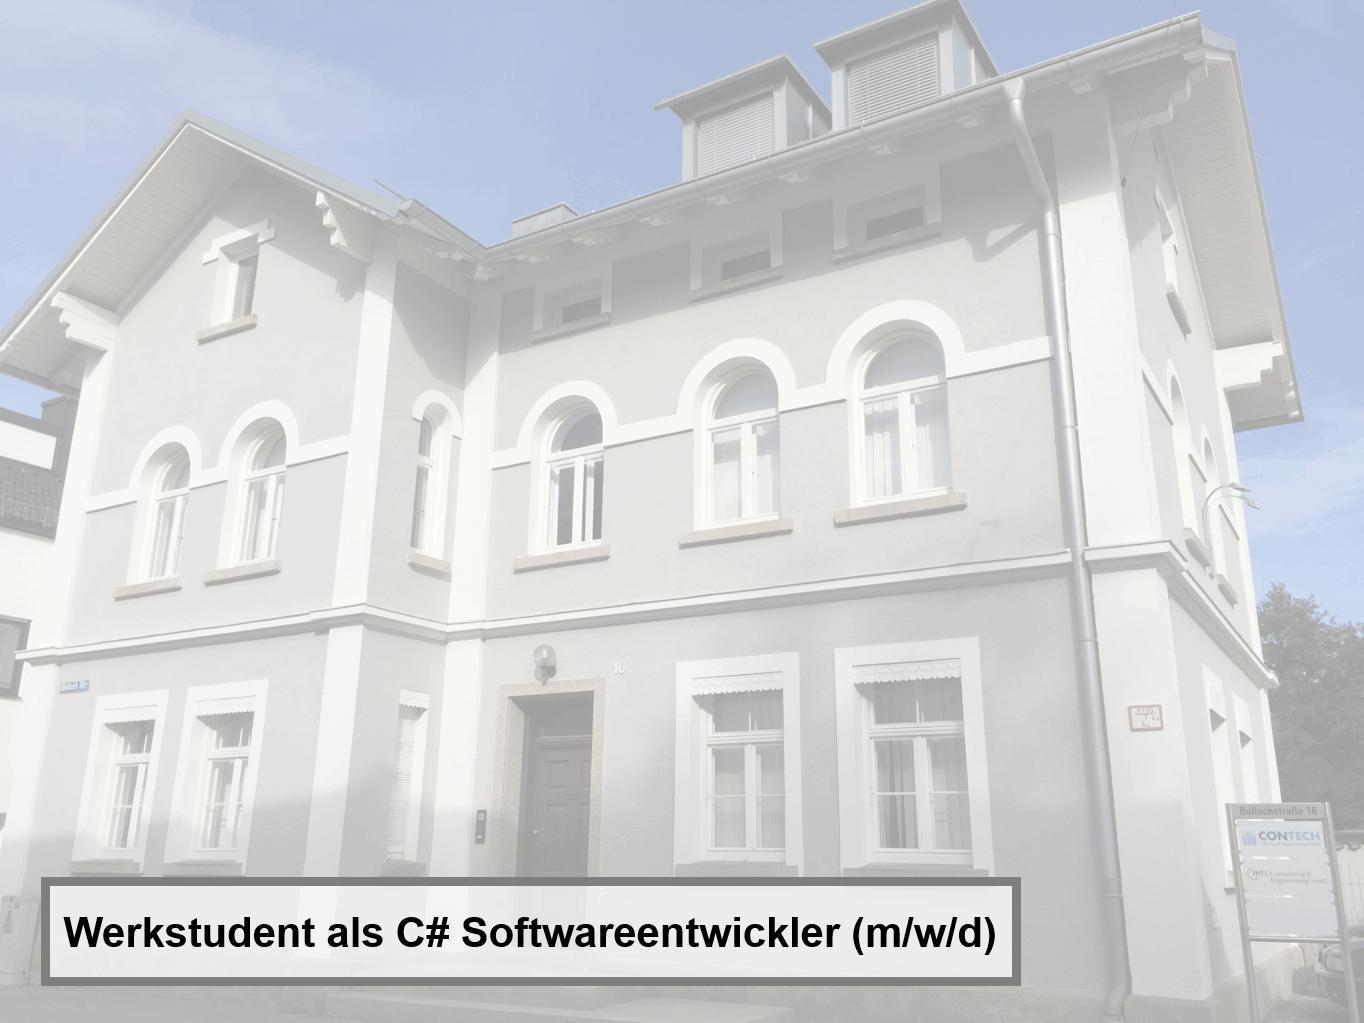 Werkstudent als C# Softwareentwickler (m/w/d) für KI-System Analyser®